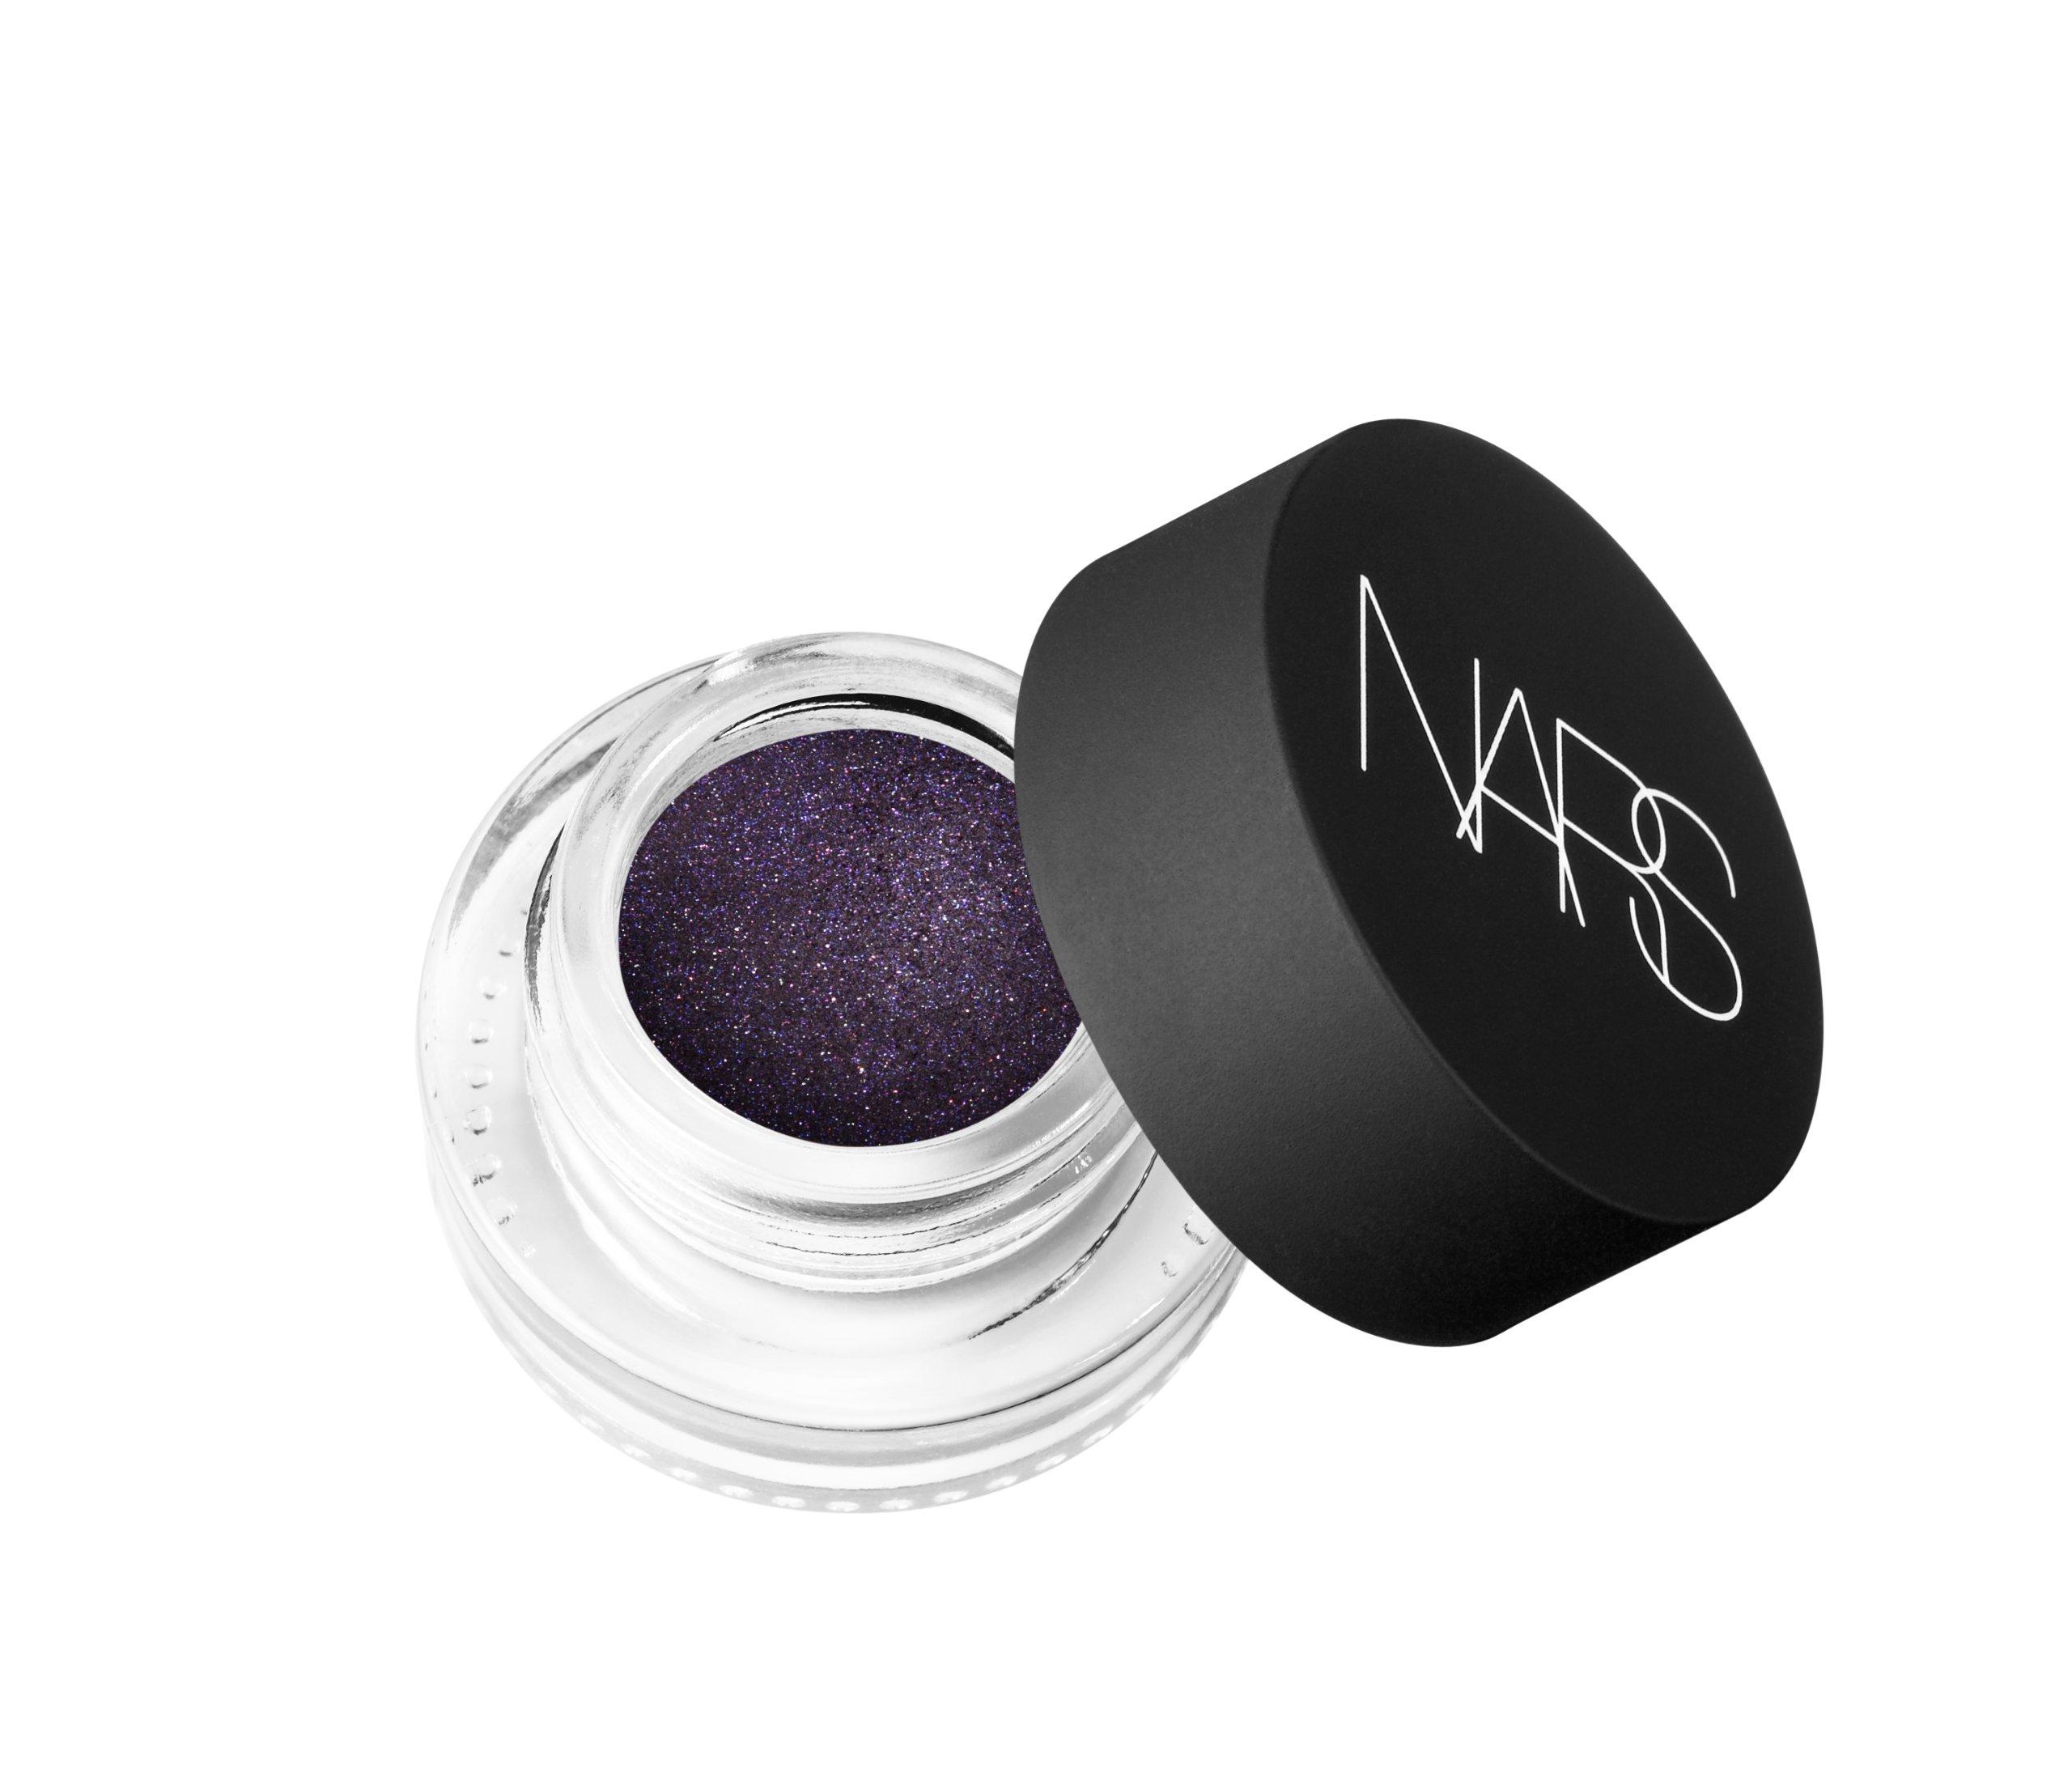 NARS Eye Paint, Tatar